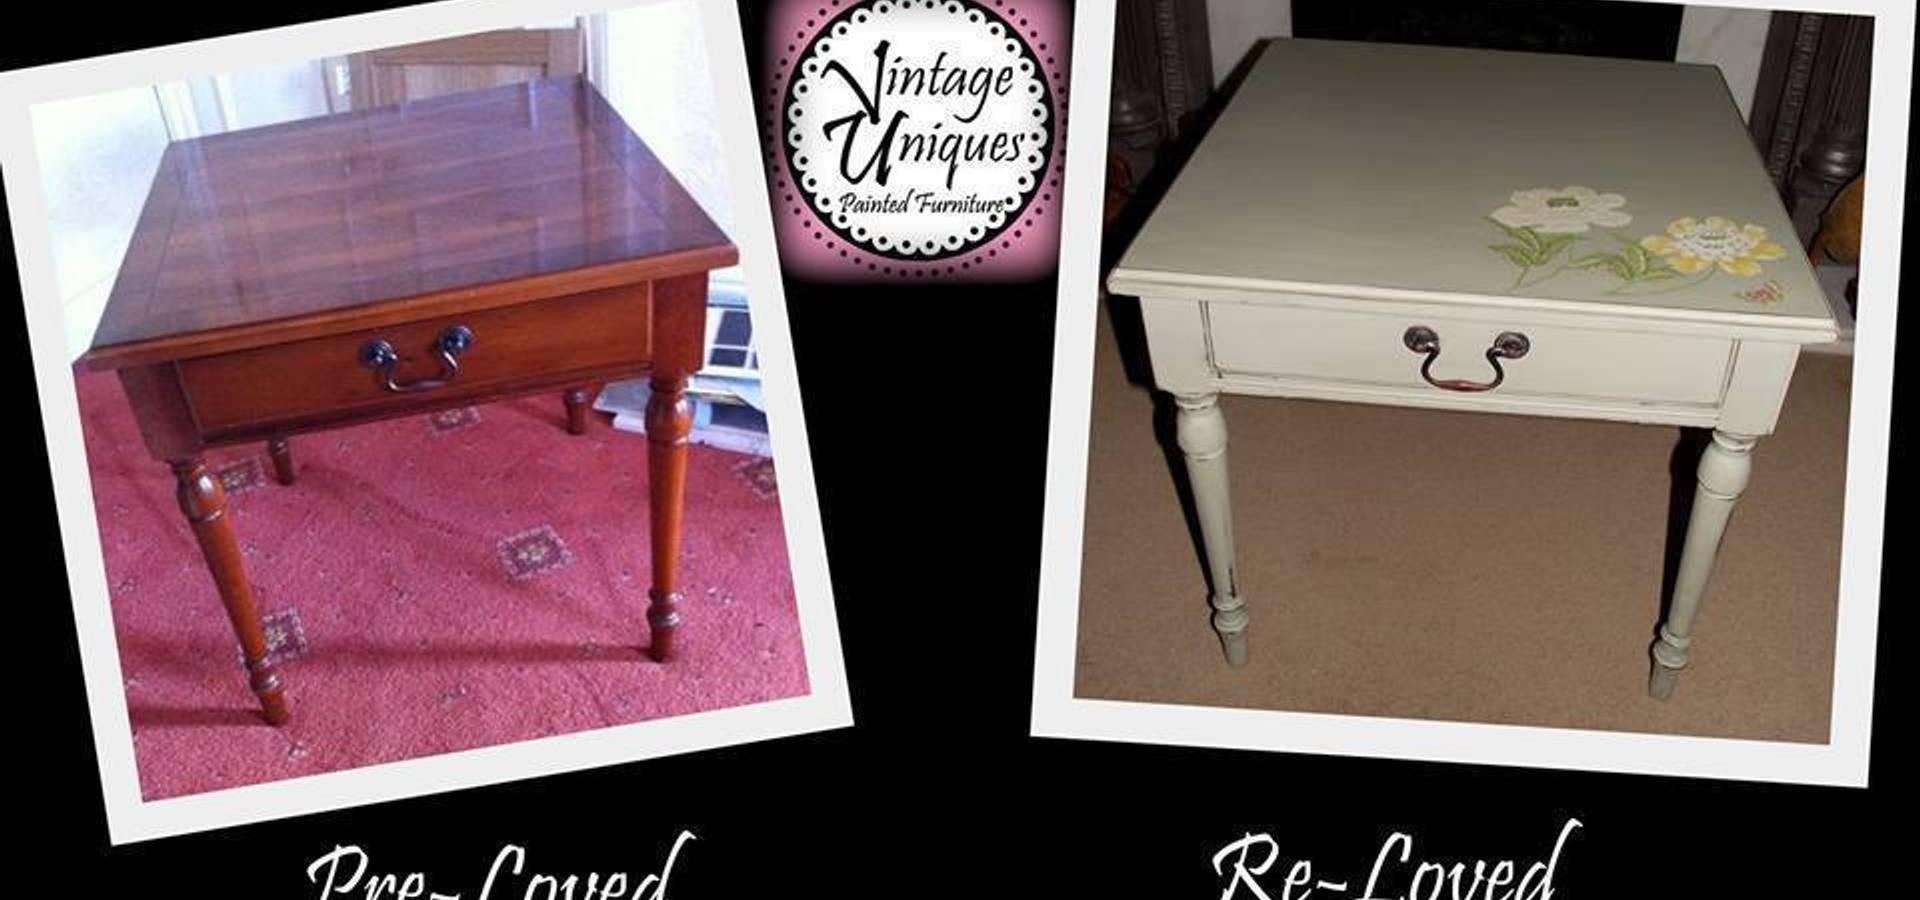 Vintage Uniques